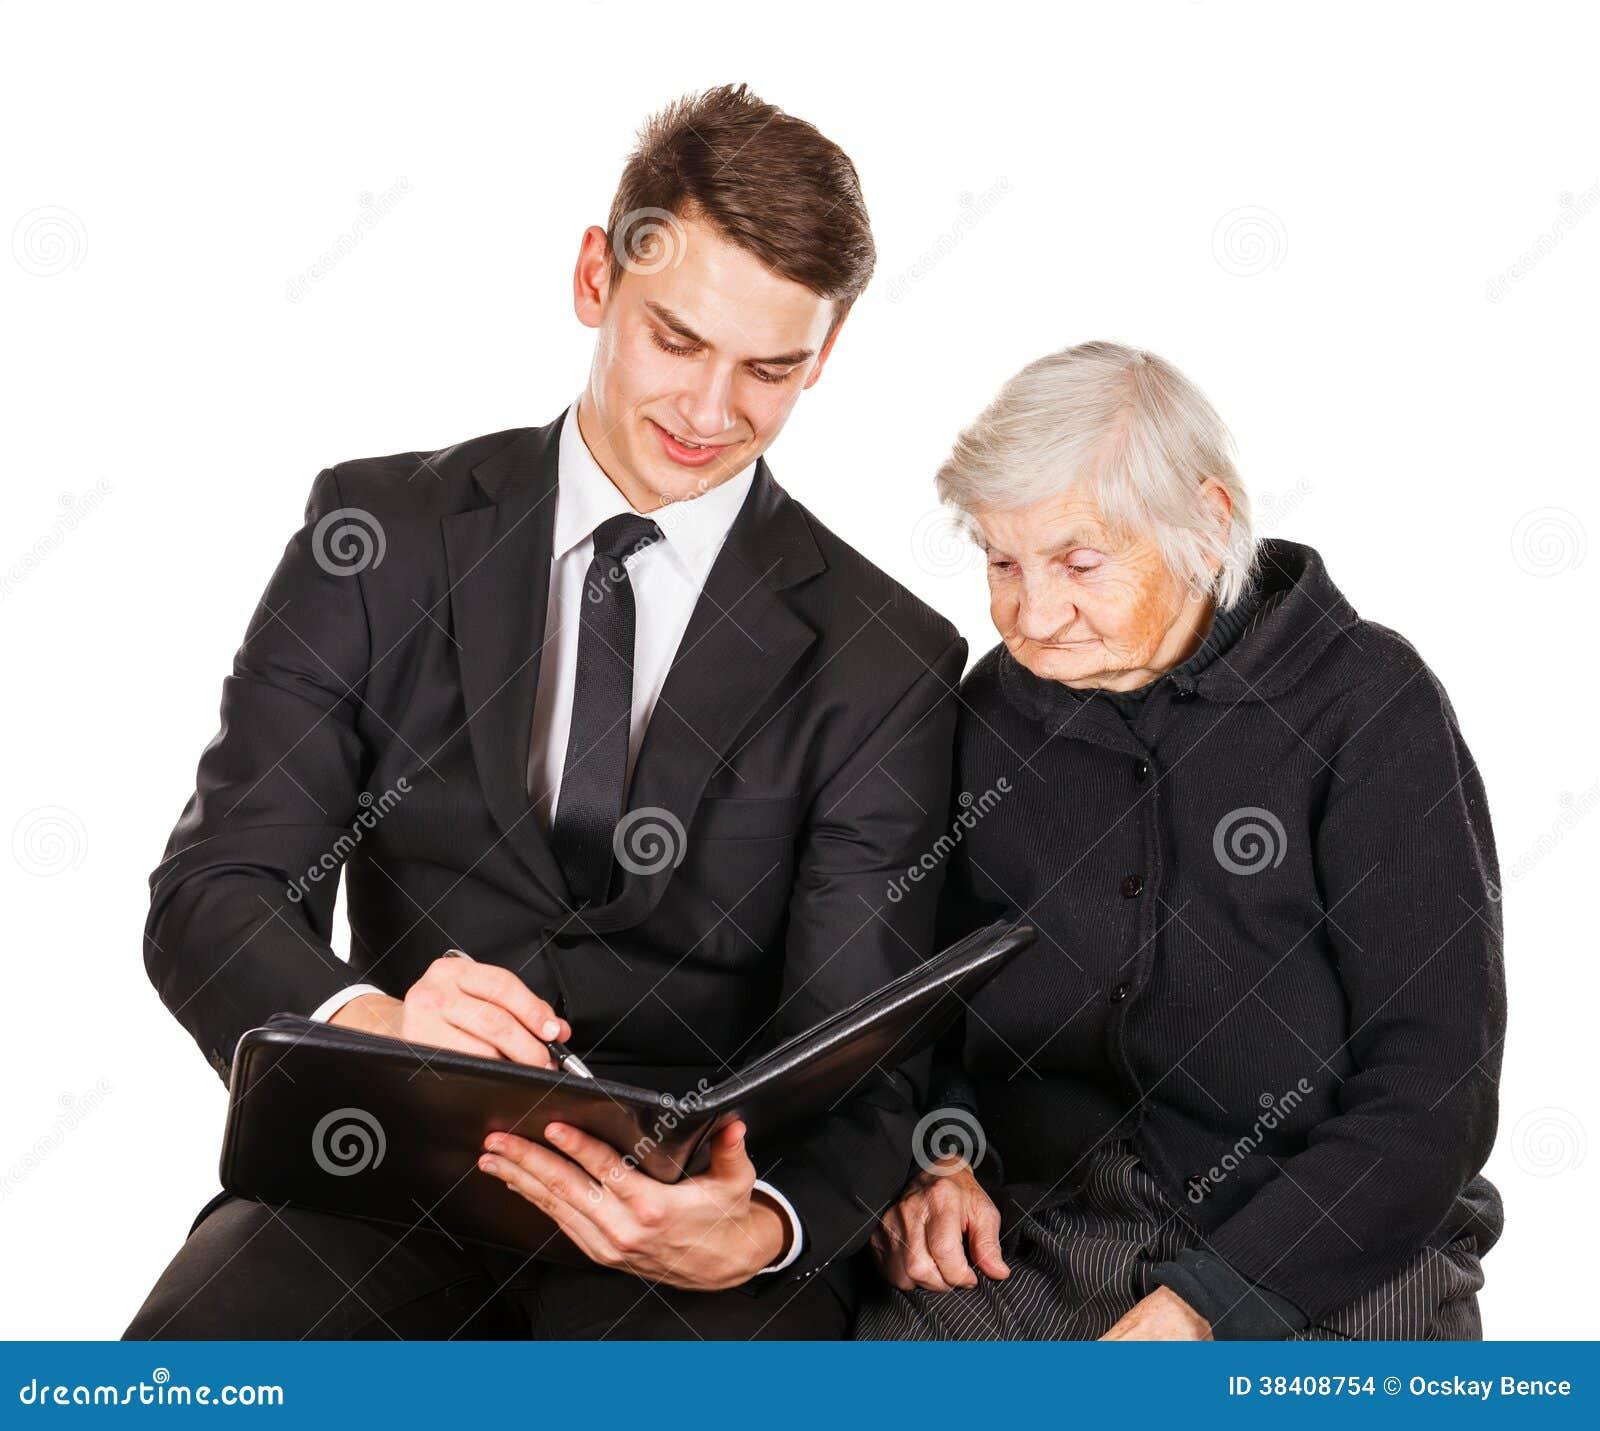 anziani femmina dating uomo più giovane